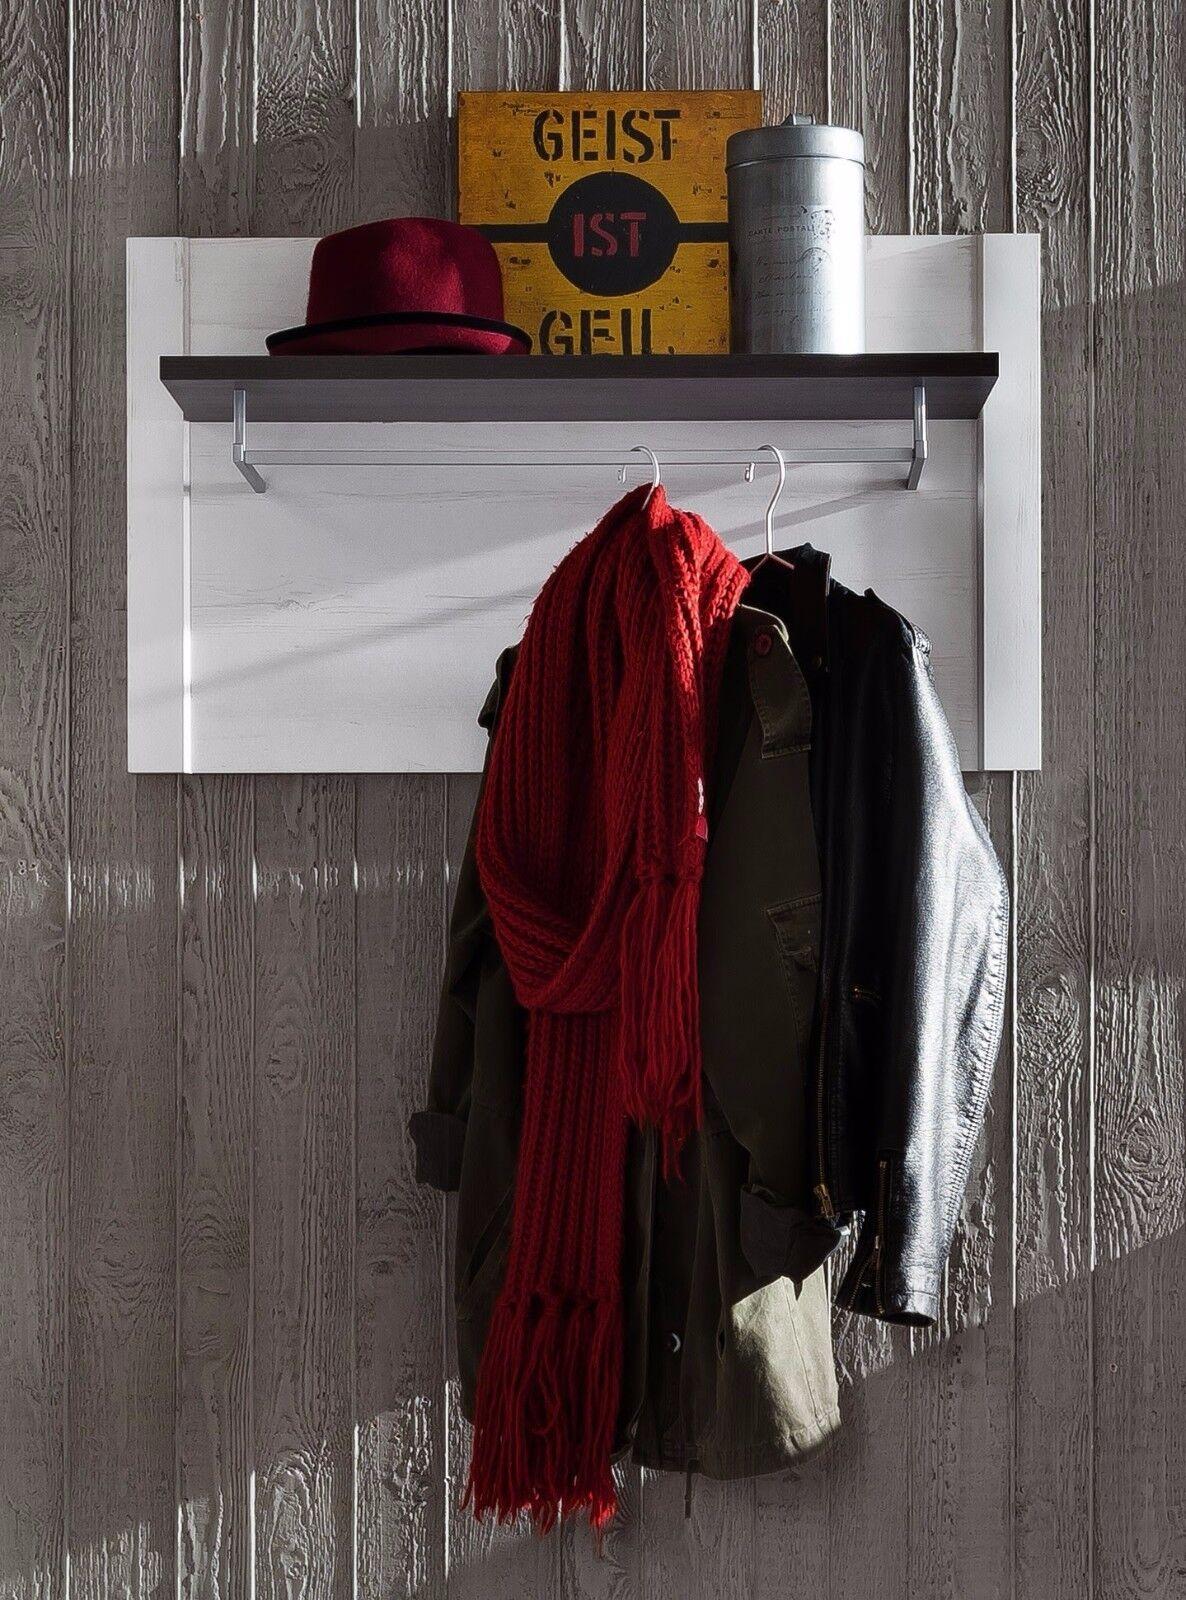 Garde tuniche pannello Dakota, pino bianco, destituzione Marroneee scuro, guardaroba